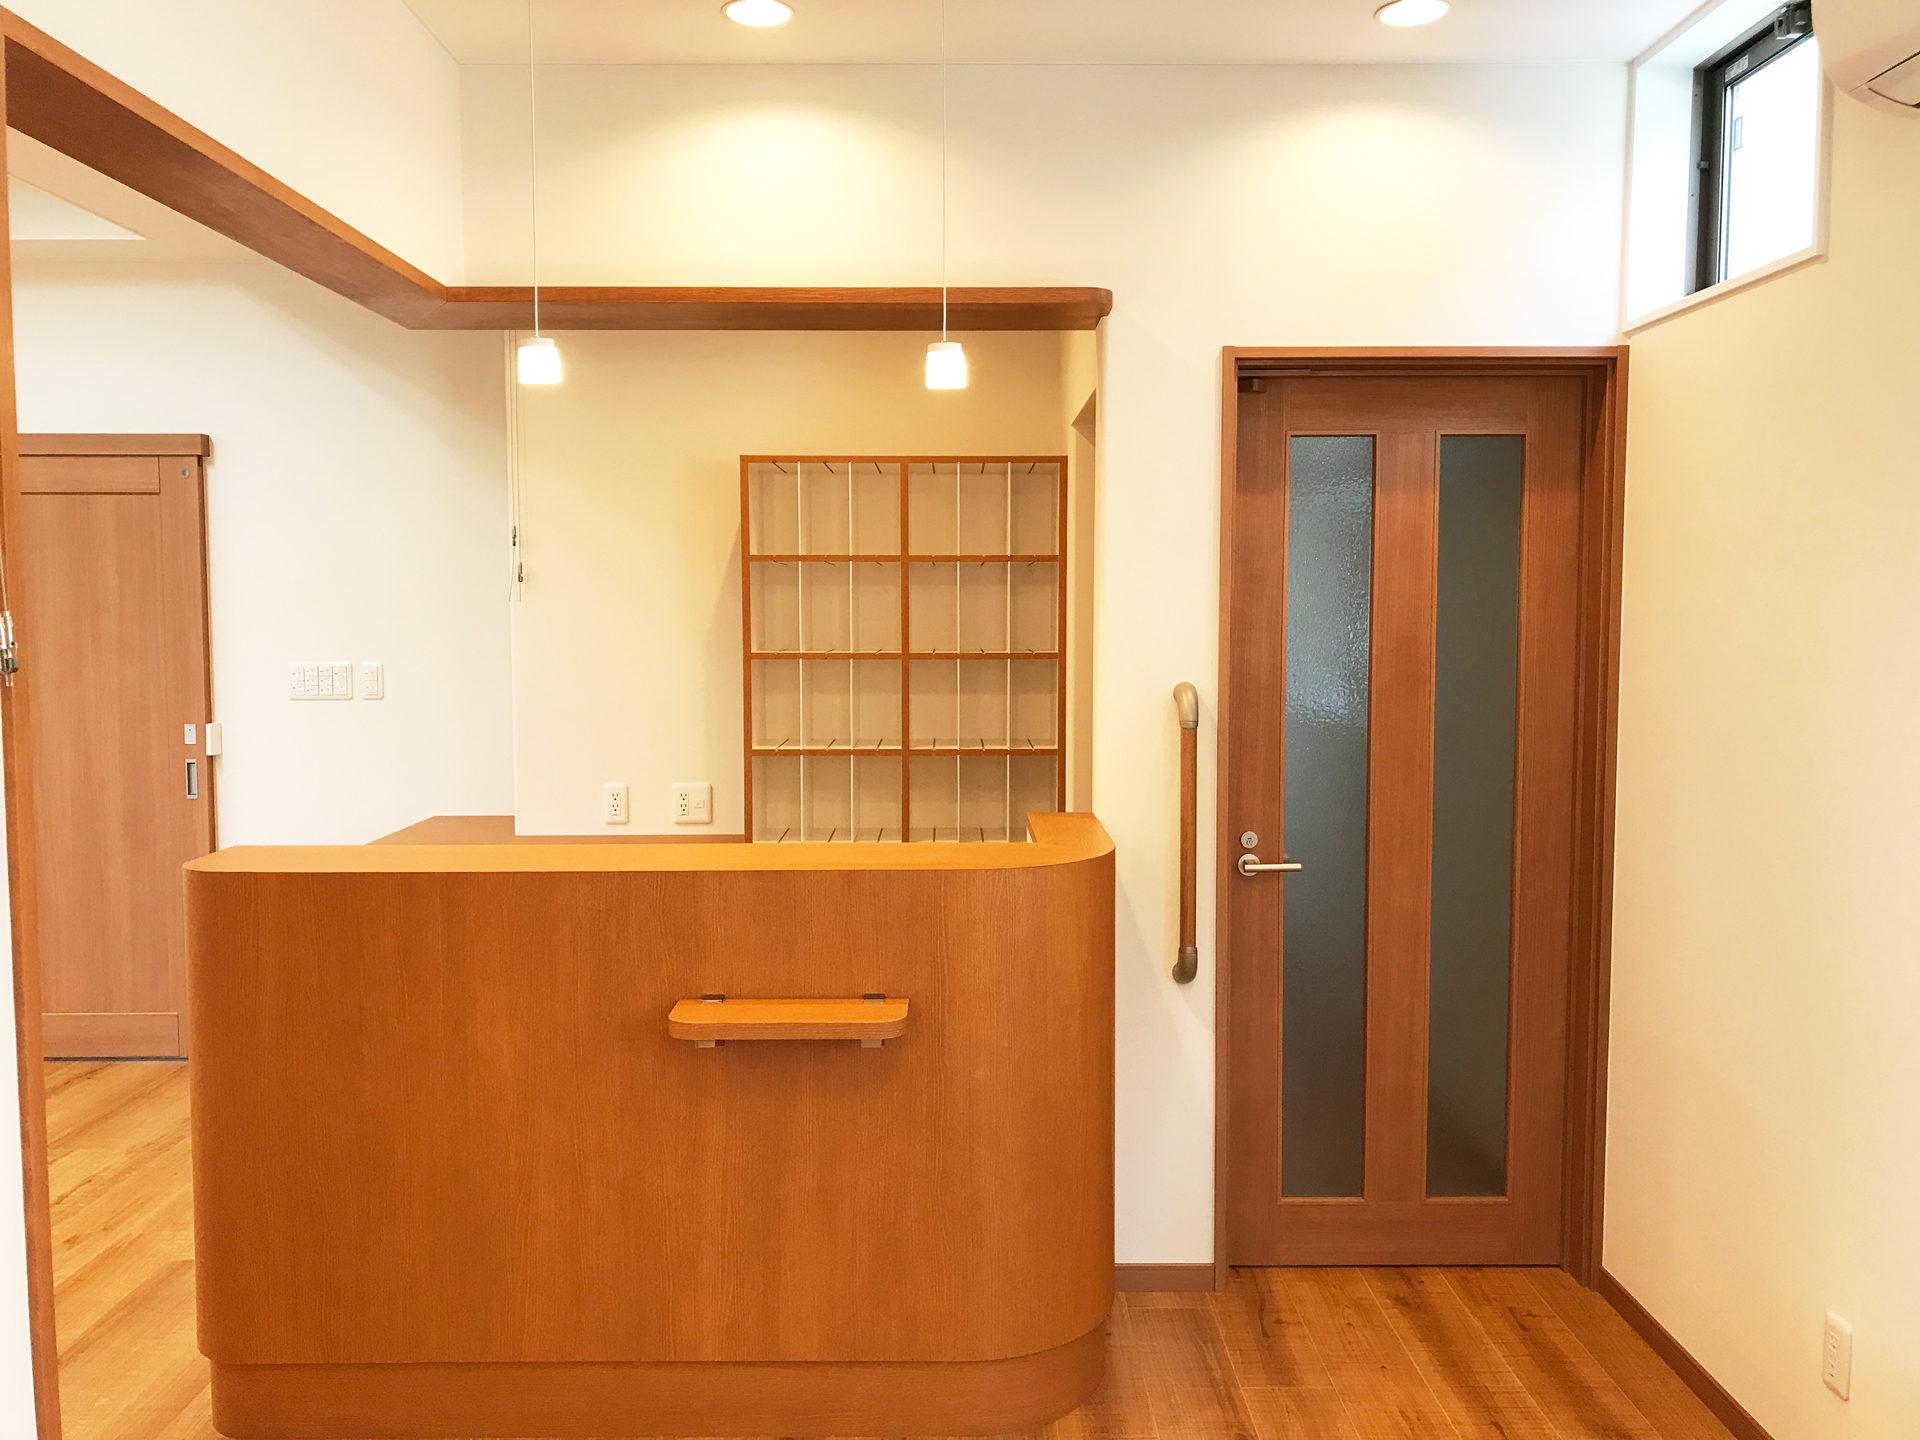 設計・デザインをした店舗(鍼灸接骨院)付き住宅の受付カウンターとカルテ棚